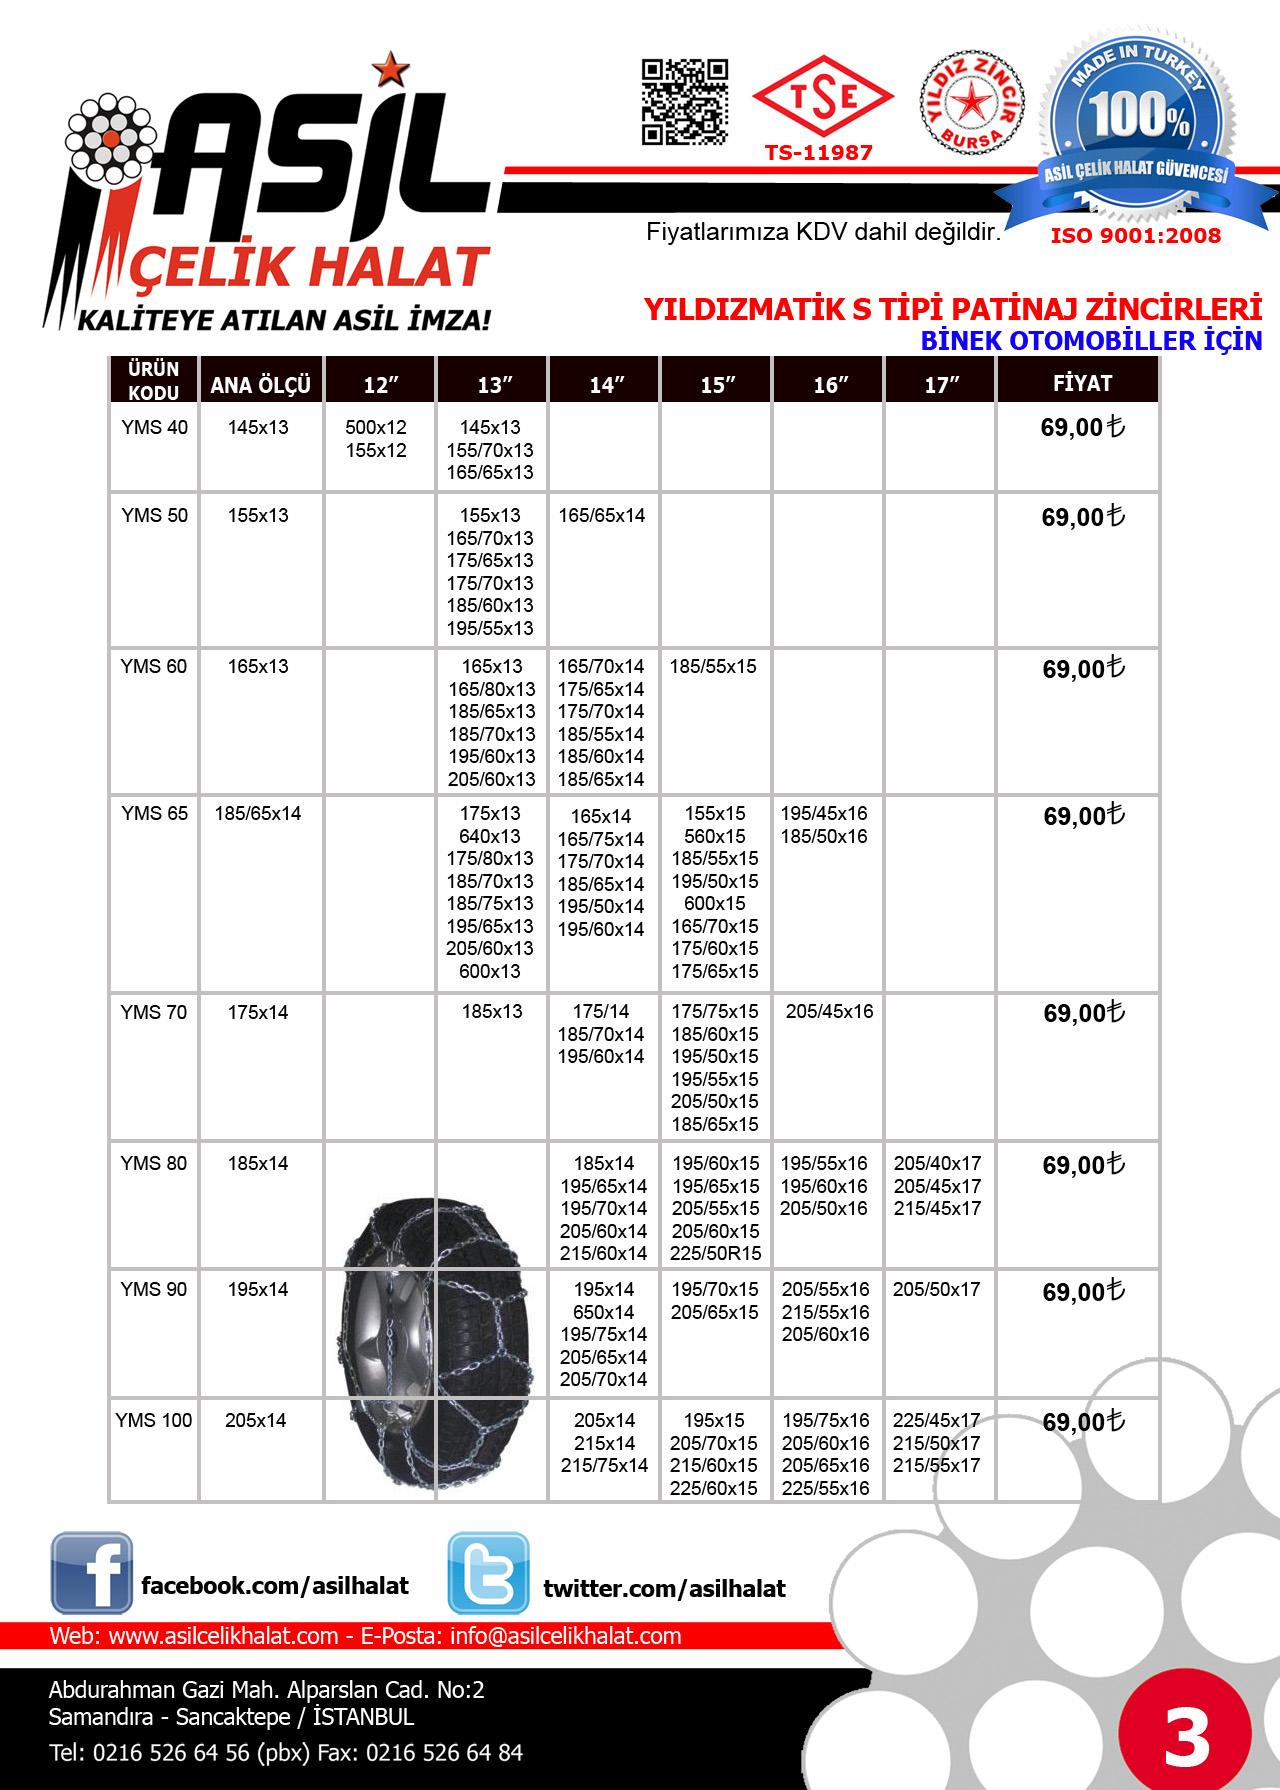 3 2014 2015 Kar Zinciri Patinaj Zinciri Fiyat Listesi Binek Araclar